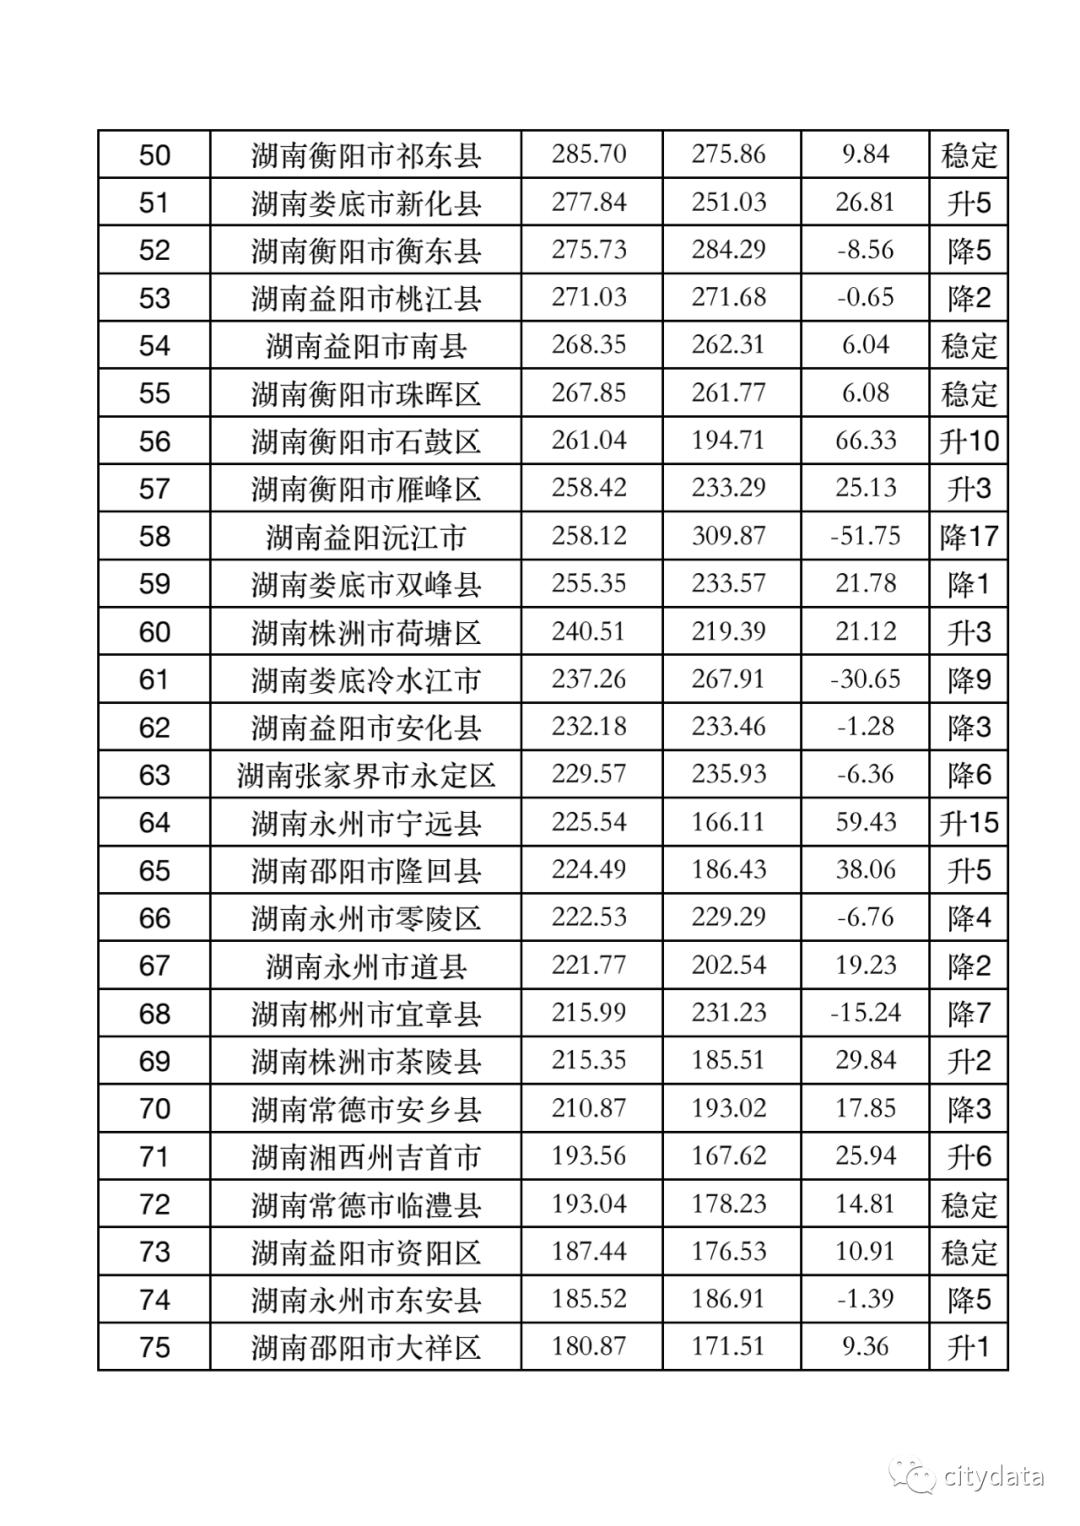 常德地区各县gdp排名_2017年湖南省各市GDP排名(2)